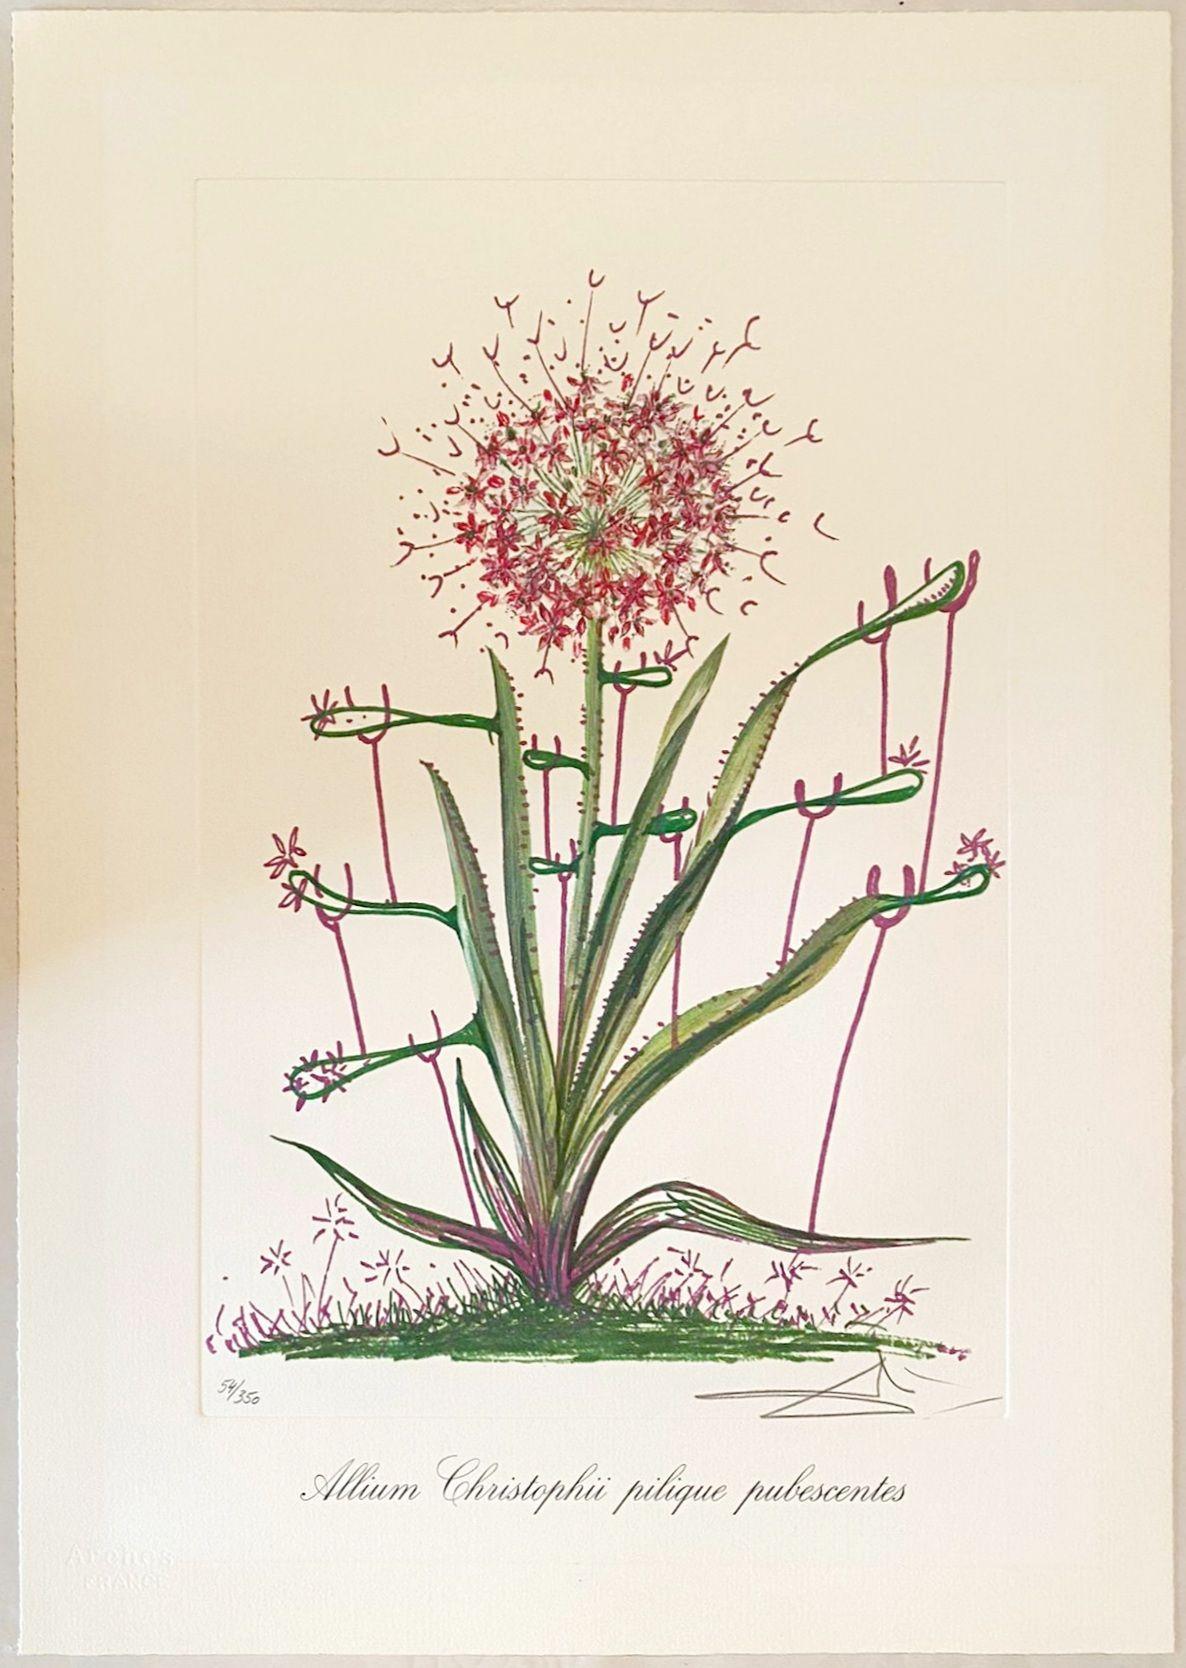 Salvador Dalí - Allium Christophi pilique pubescentes, 1972